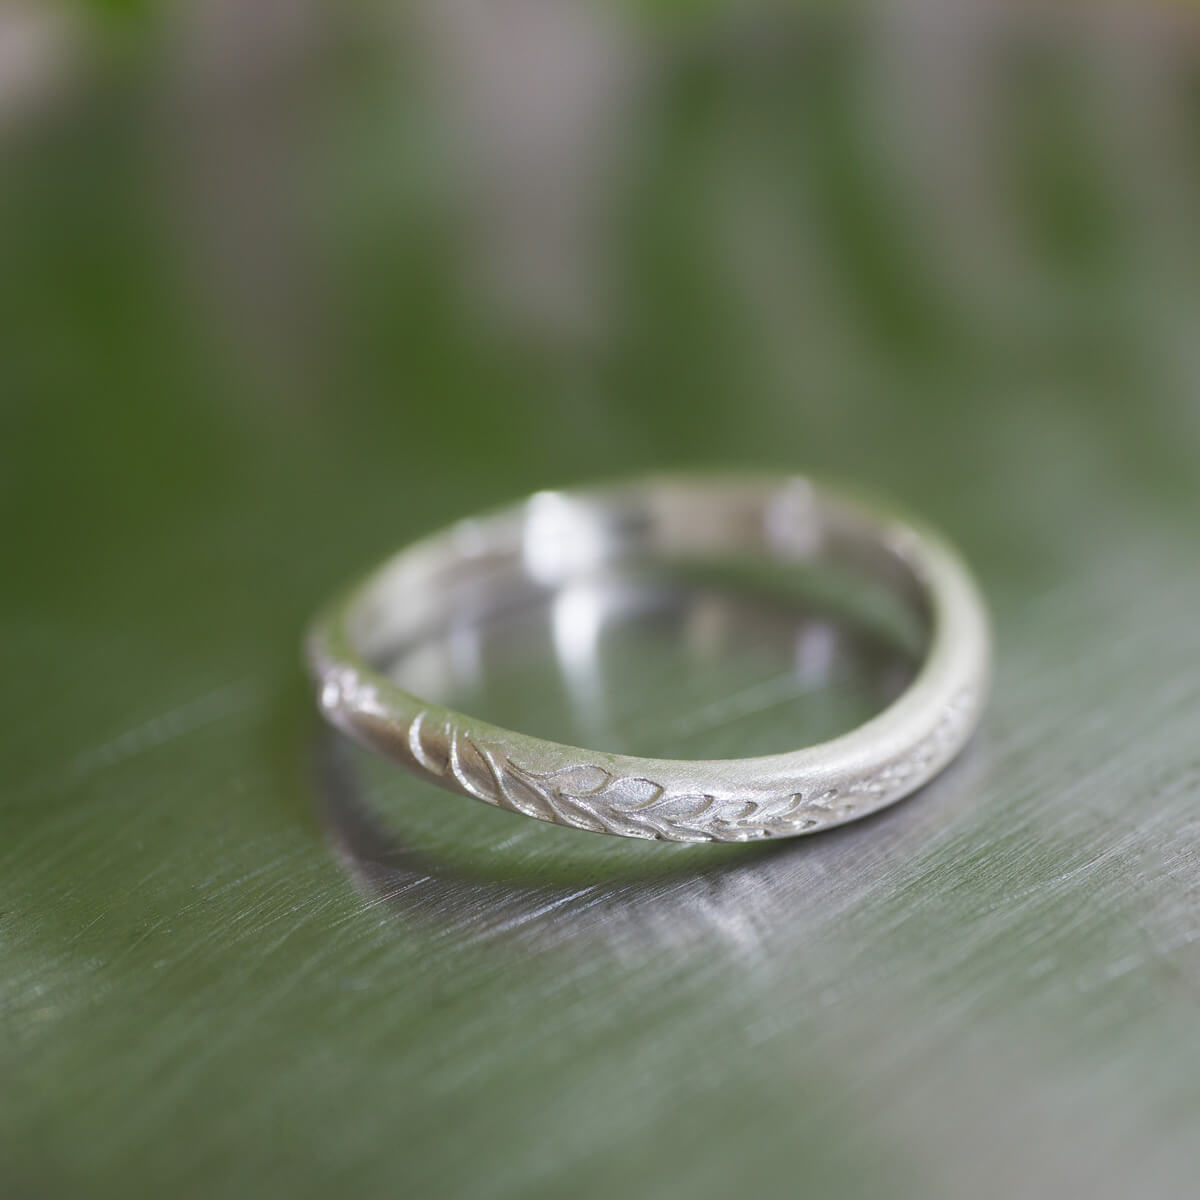 オーダーメイドマリッジリング ジュエリーのアトリエ  屋久島のシダモチーフ シルバー 屋久島でつくる結婚指輪